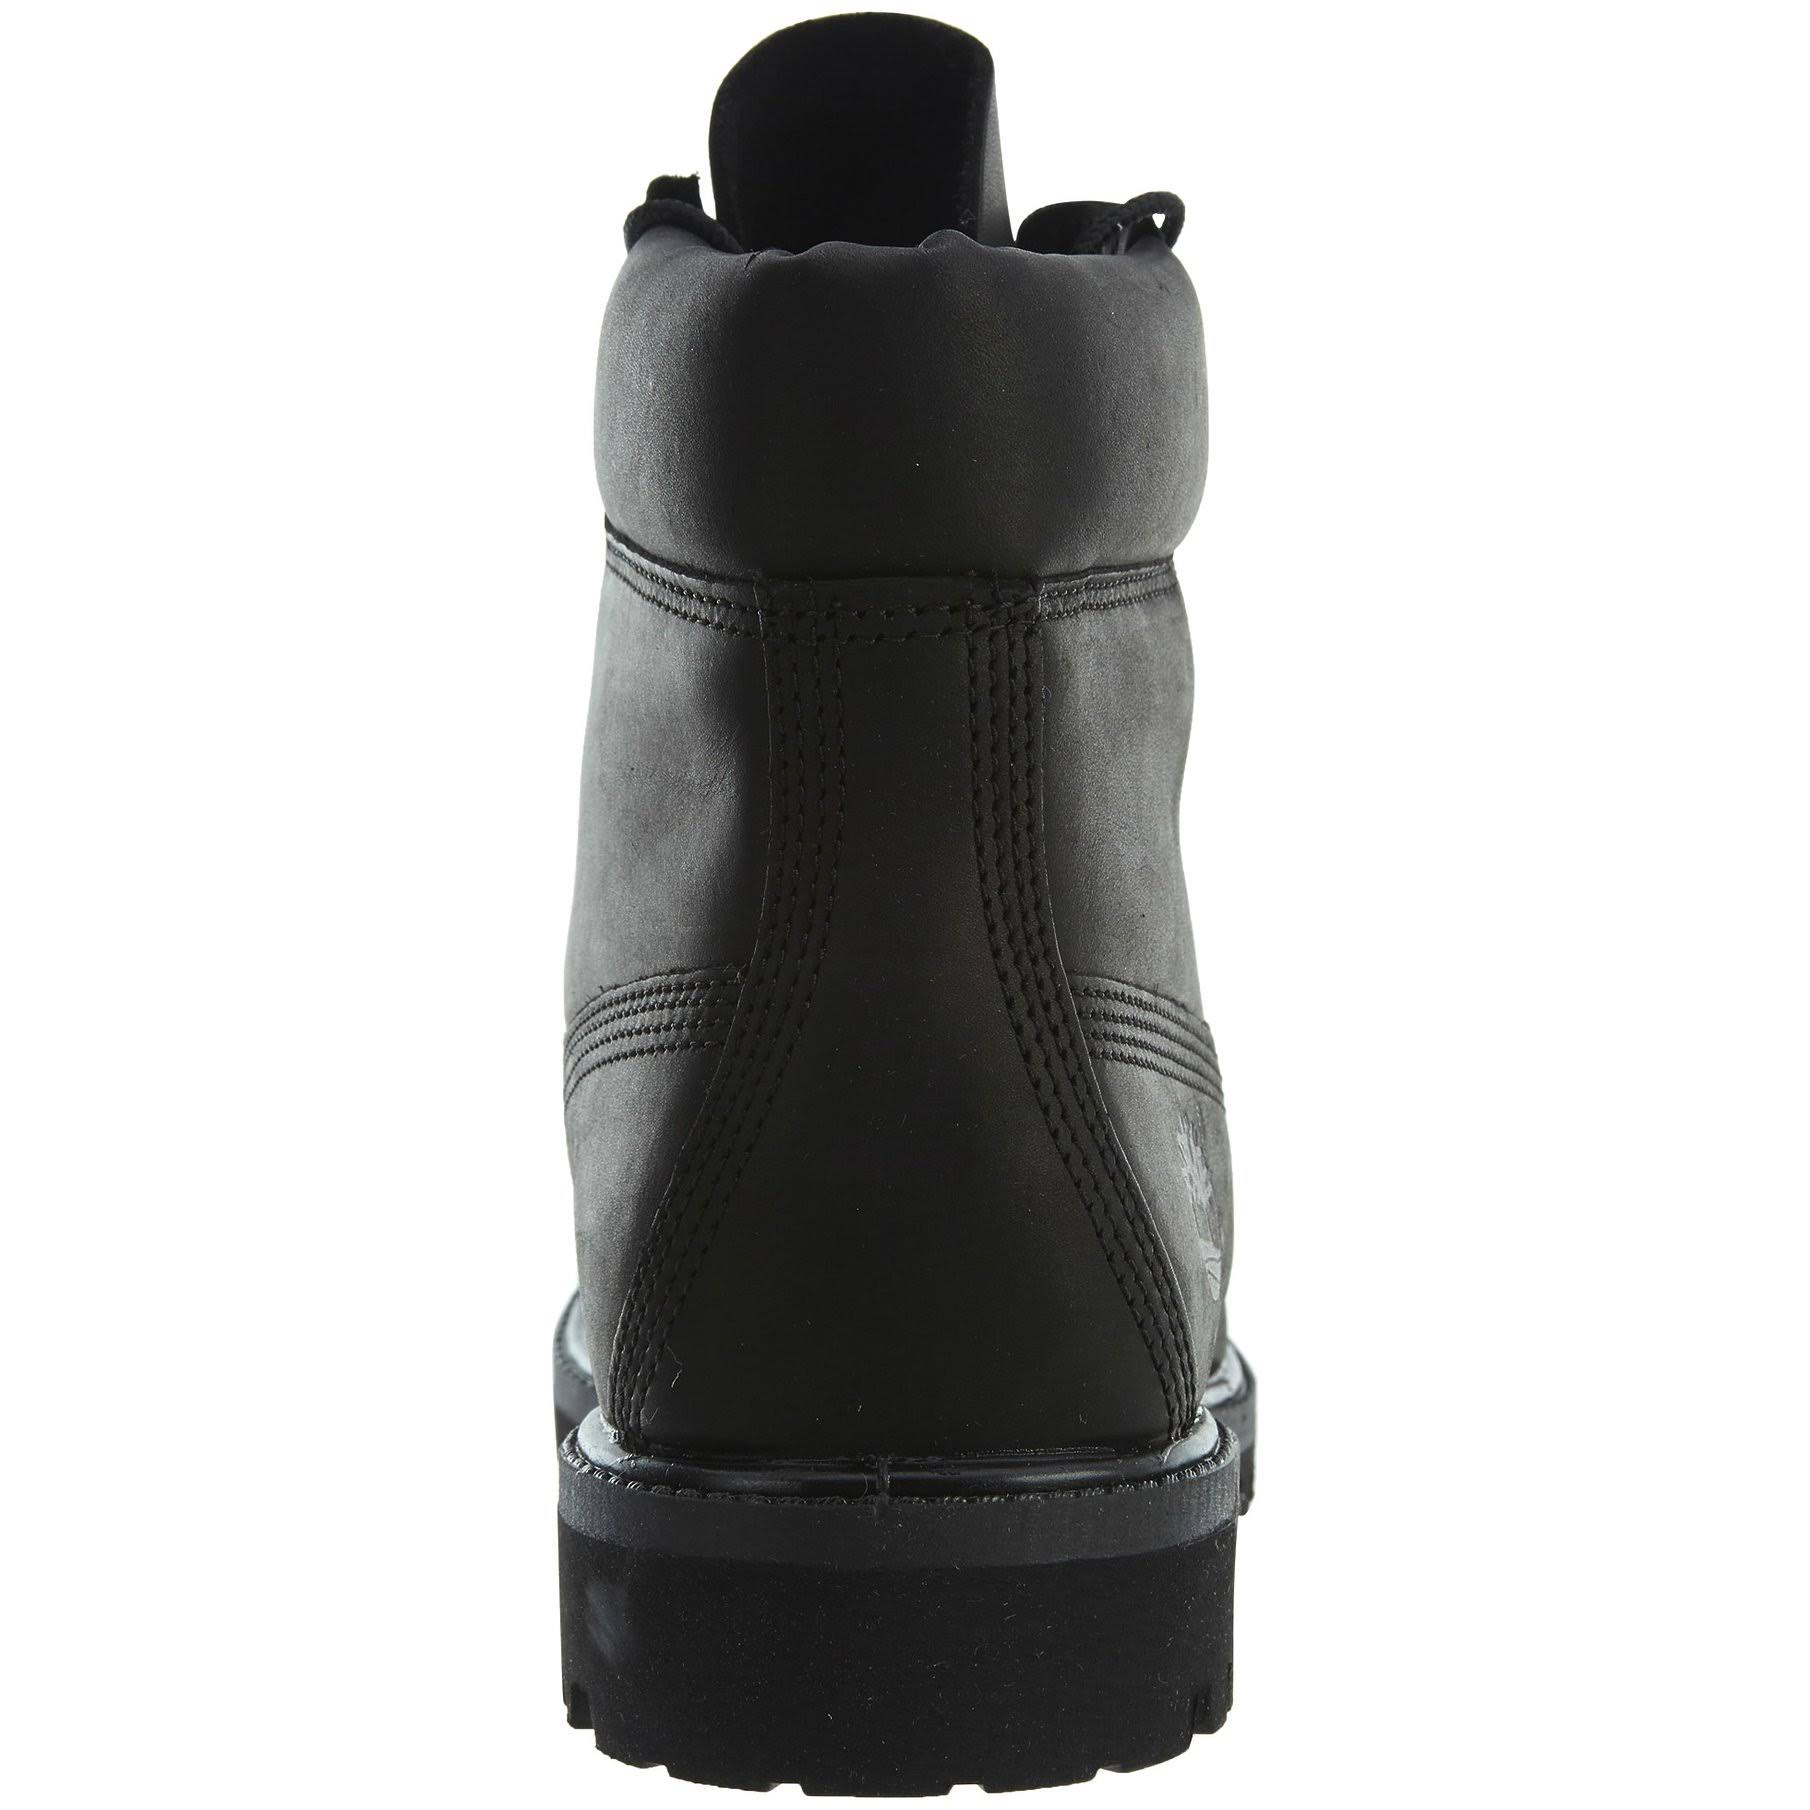 Inch laars Timberland voor zwartzwart 6 Premium WP heren zwart 8 OXZPiku